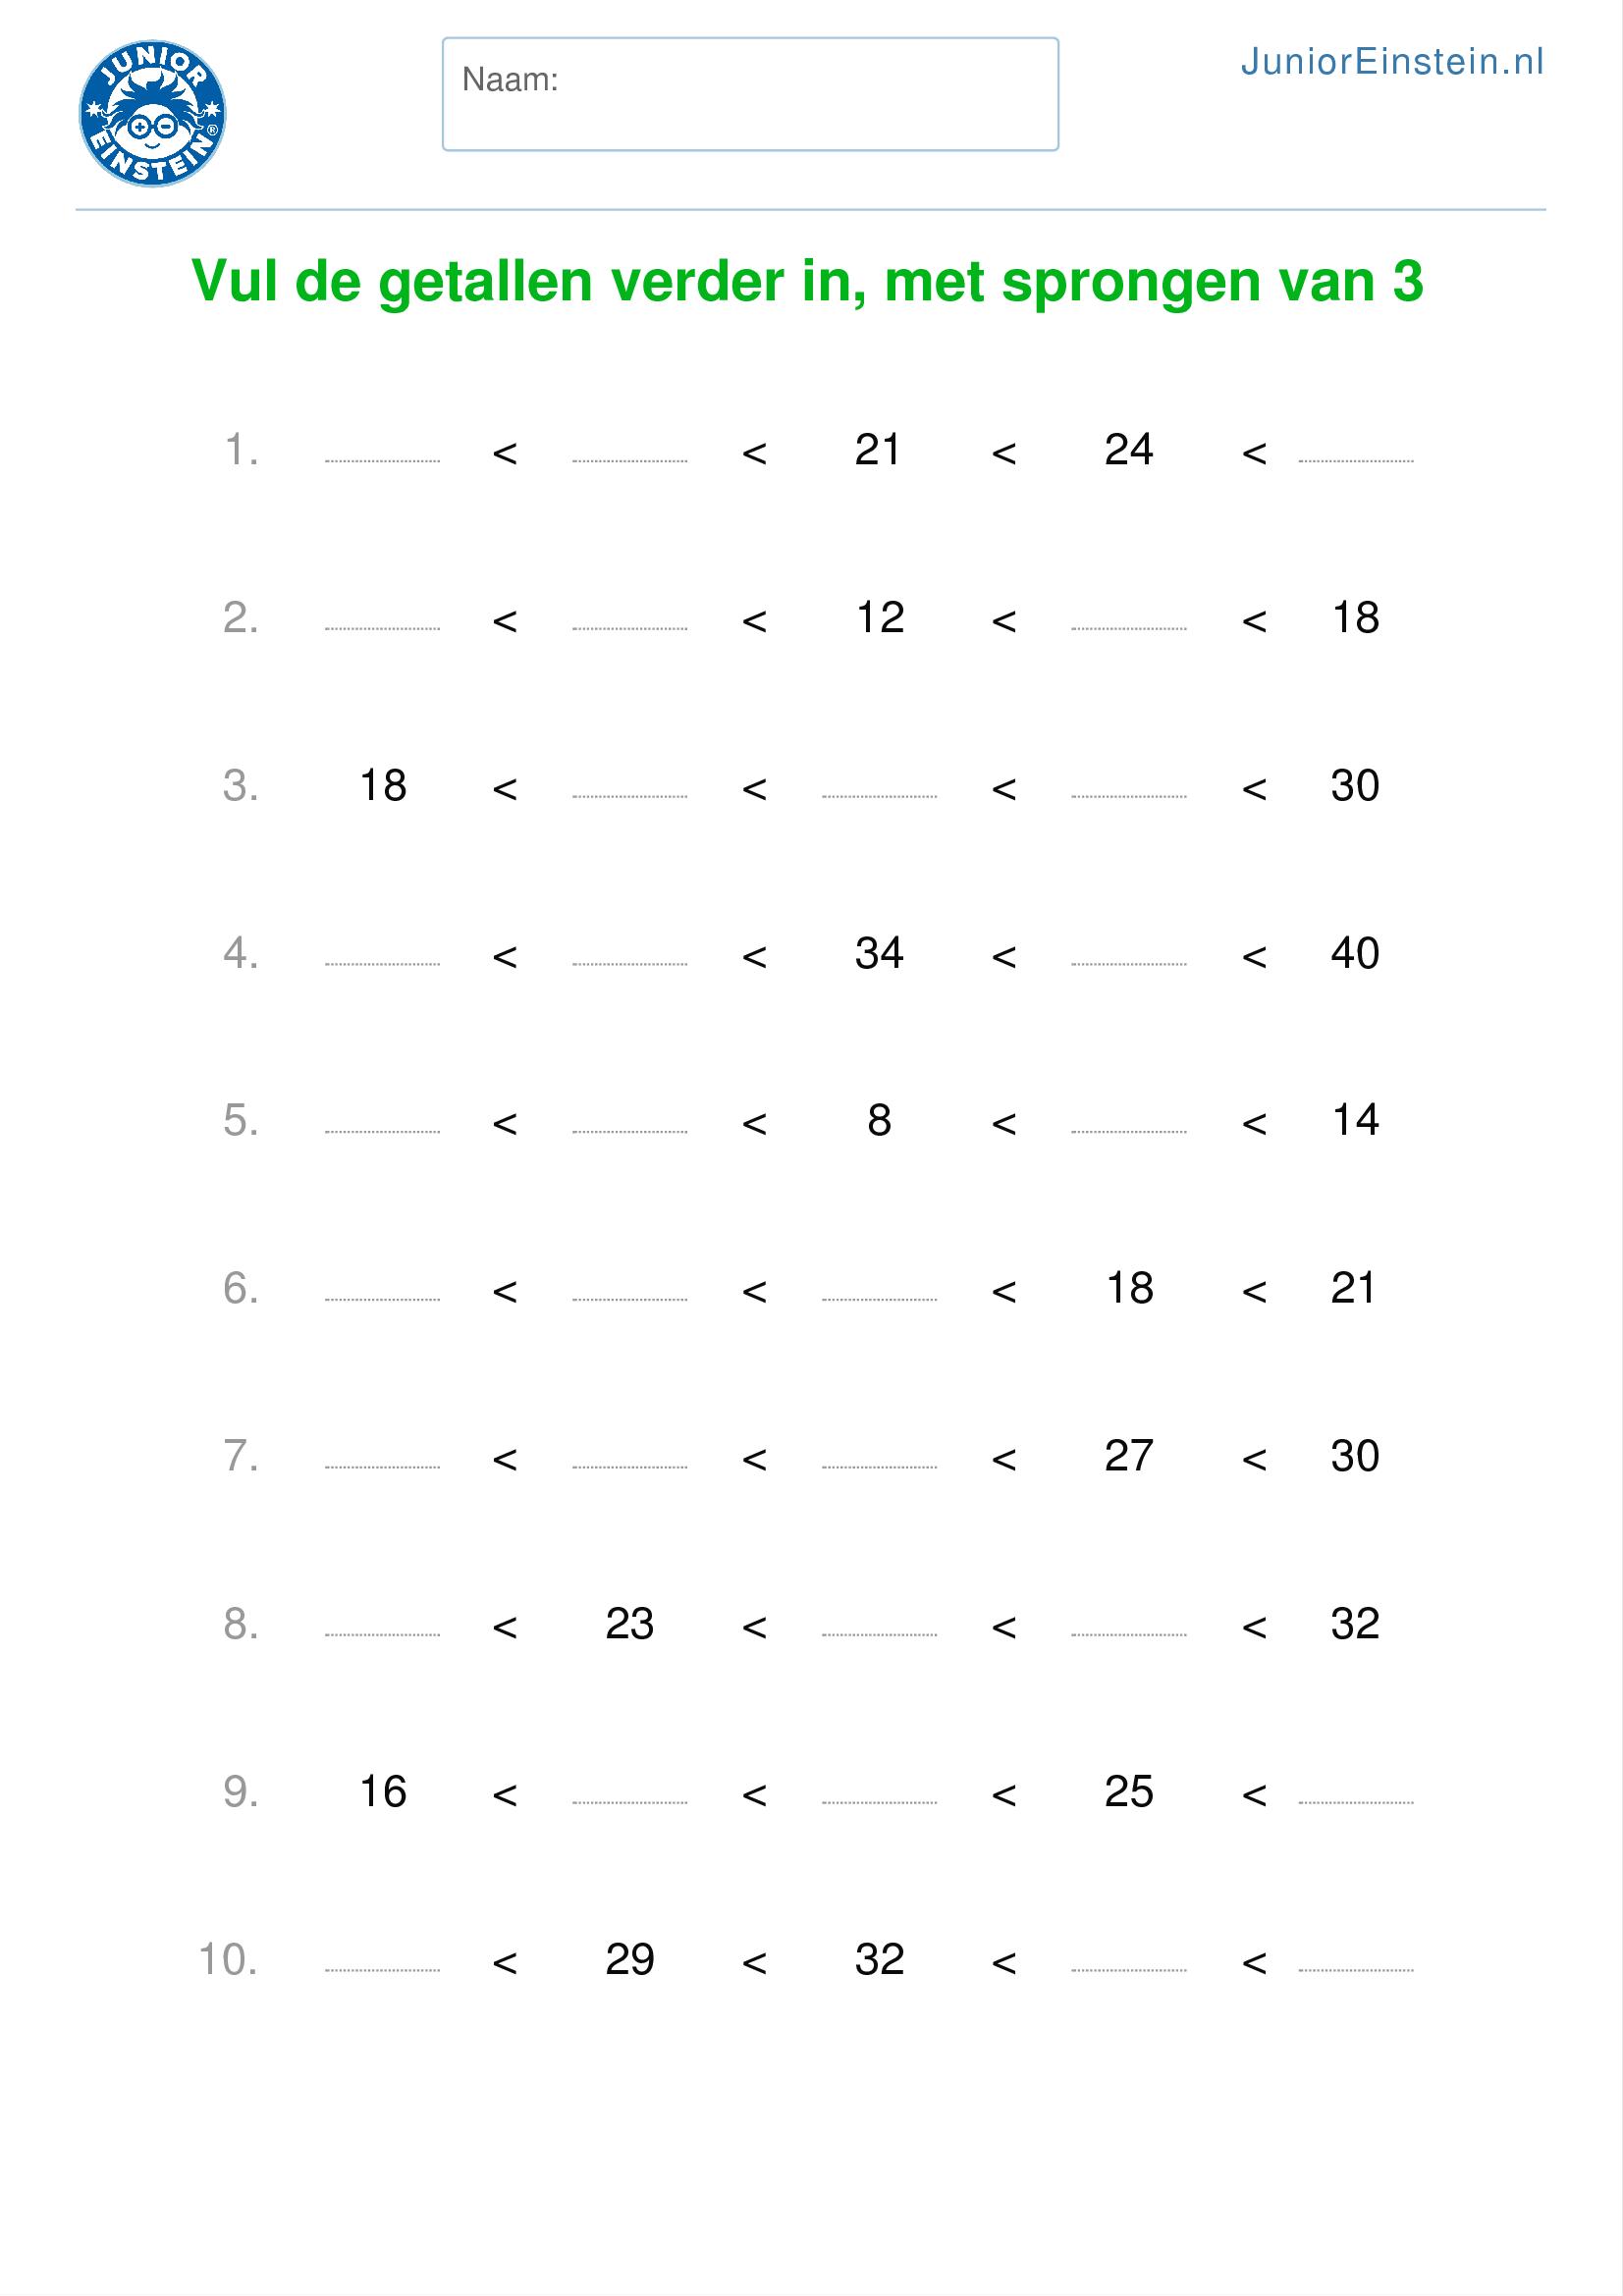 Spiksplinternieuw Werkblad: Vul de getallen verder in, met sprongen van 3 (geschikt EB-93